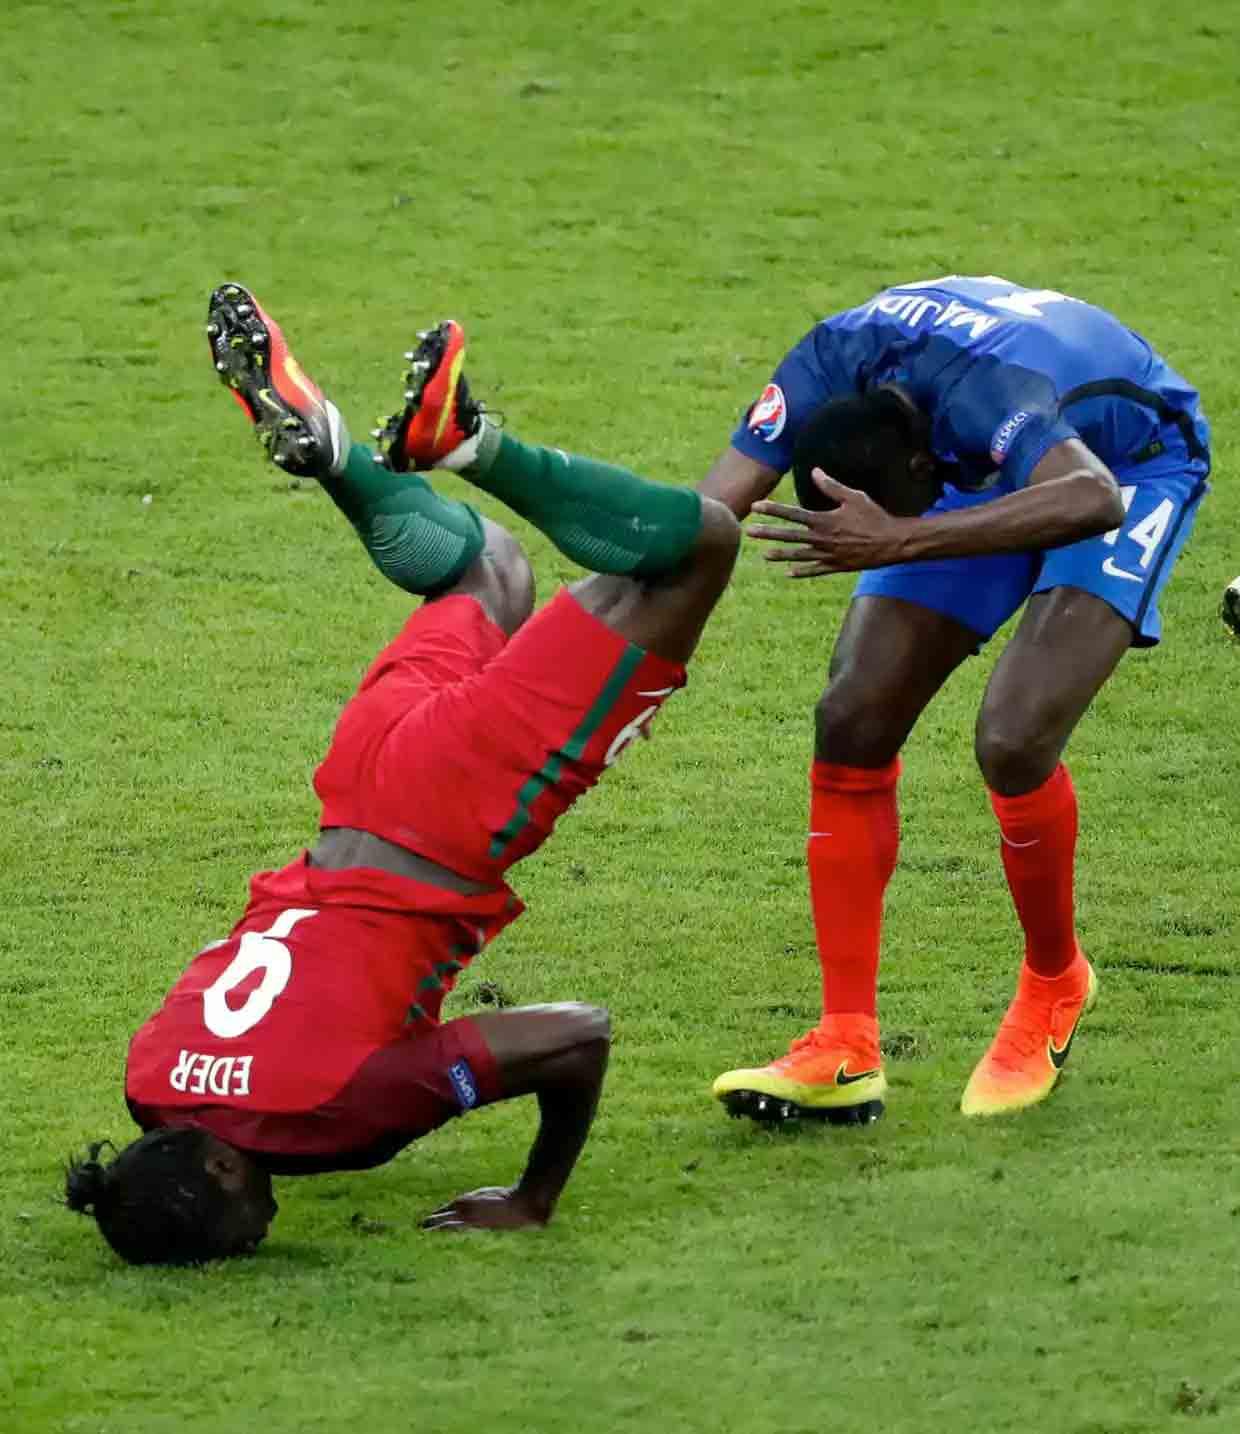 اللاعب البرتغالي ايدير في التحام مع الفرنسي ماتويدي (رويترز)